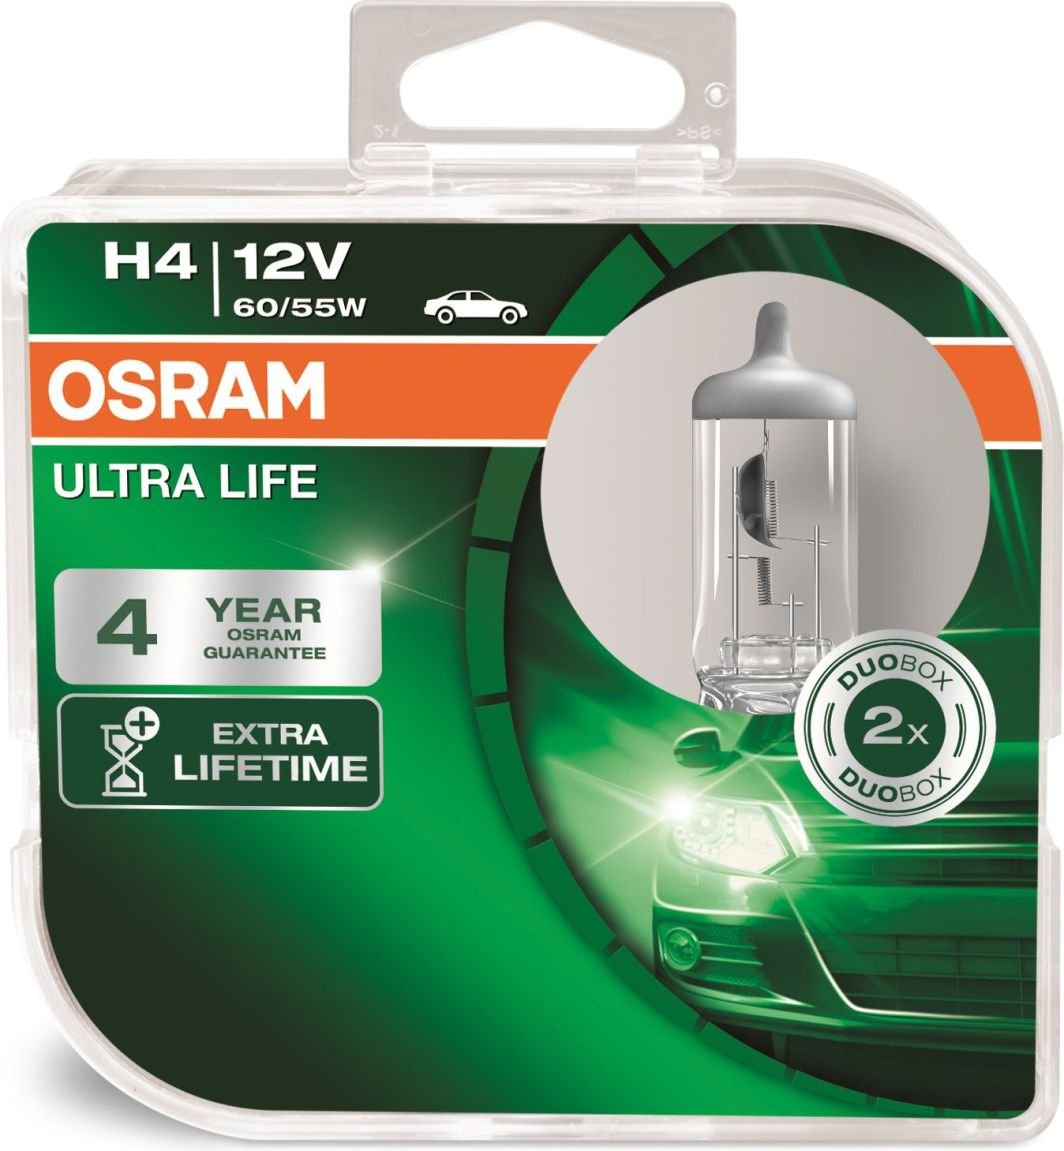 Osram Żarówka samochodowa Ultra Life H4 60/55W 2szt. (4052899425224) 1